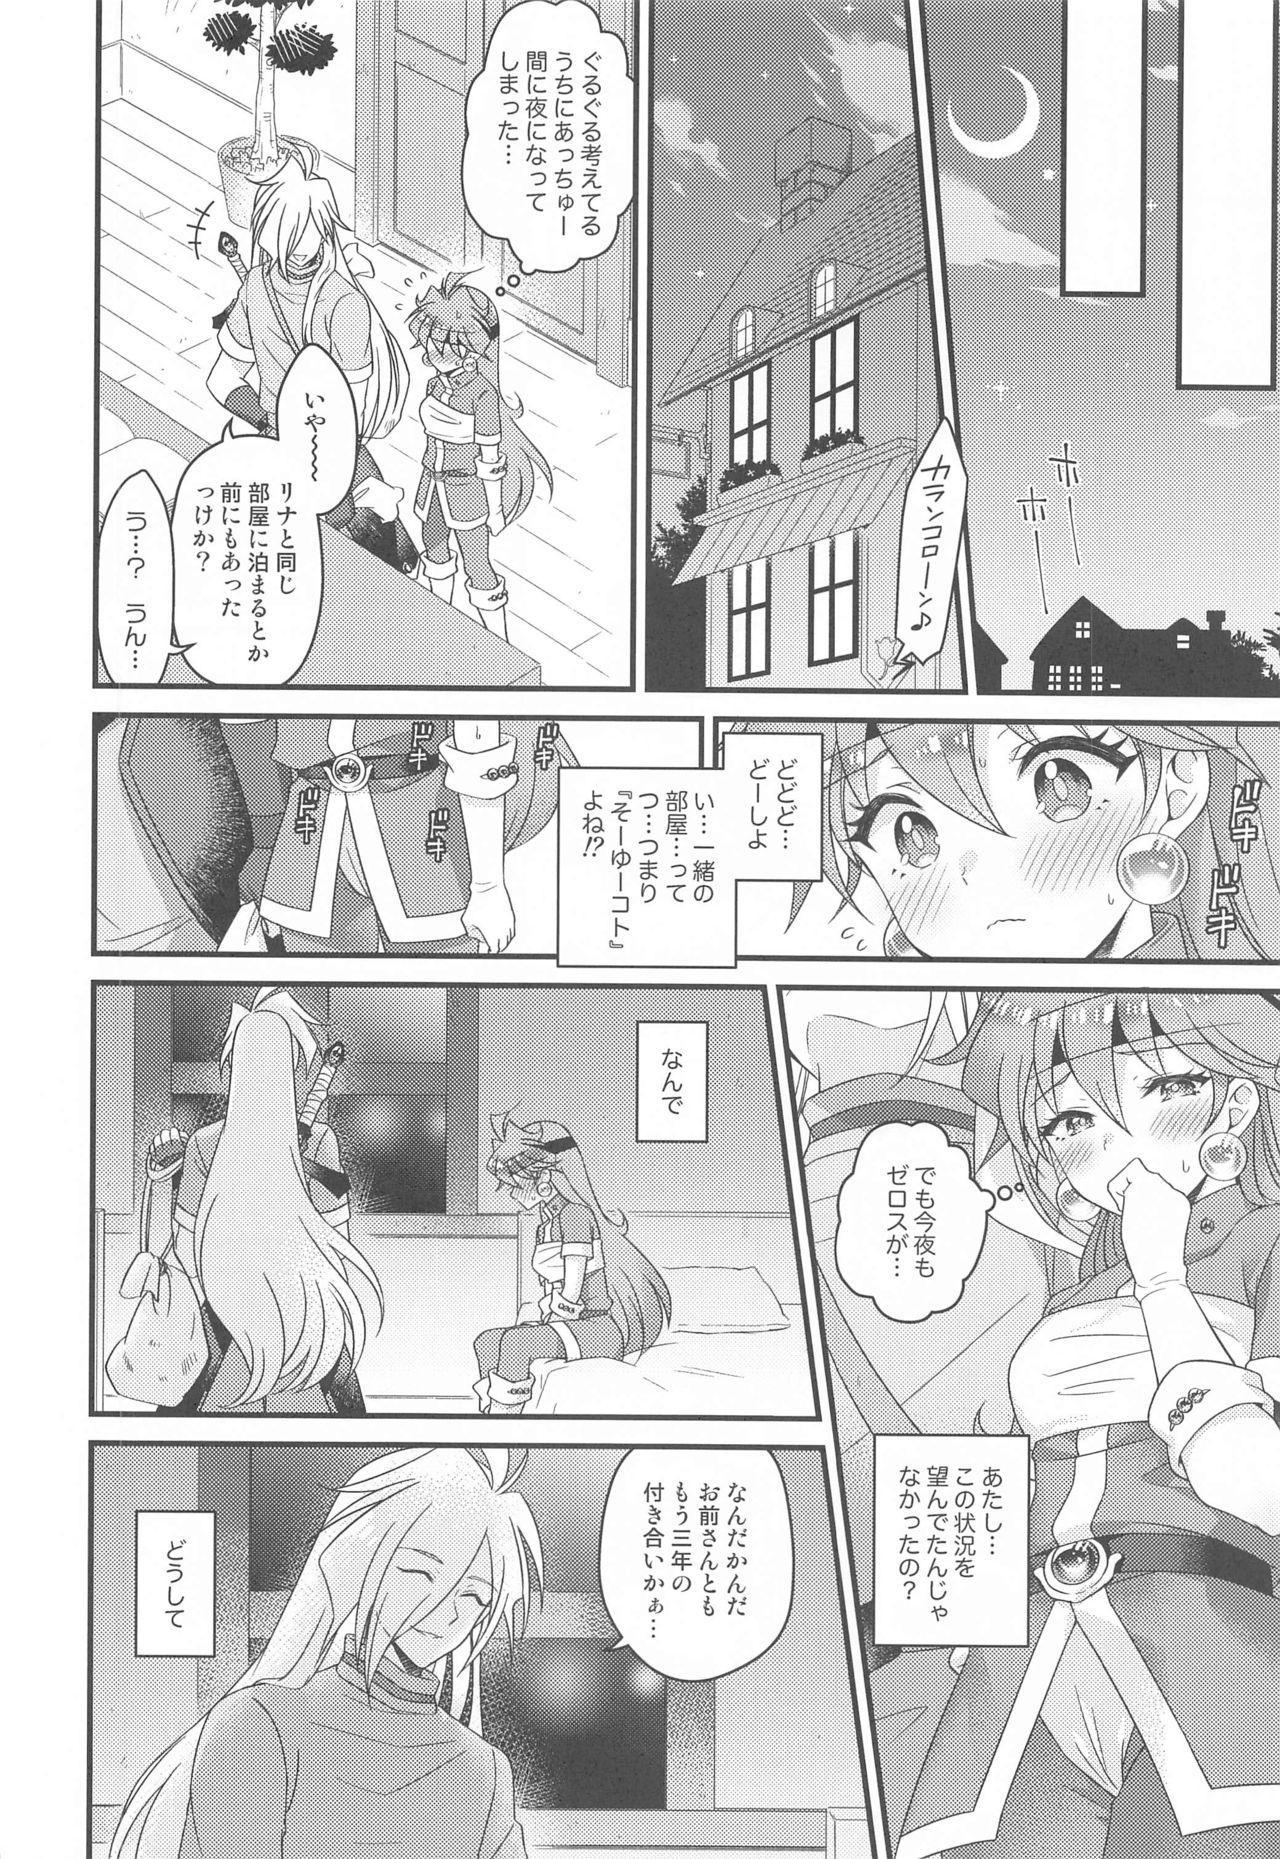 Lina Inverse Juu Shinkan ni NTR Kanochi 8